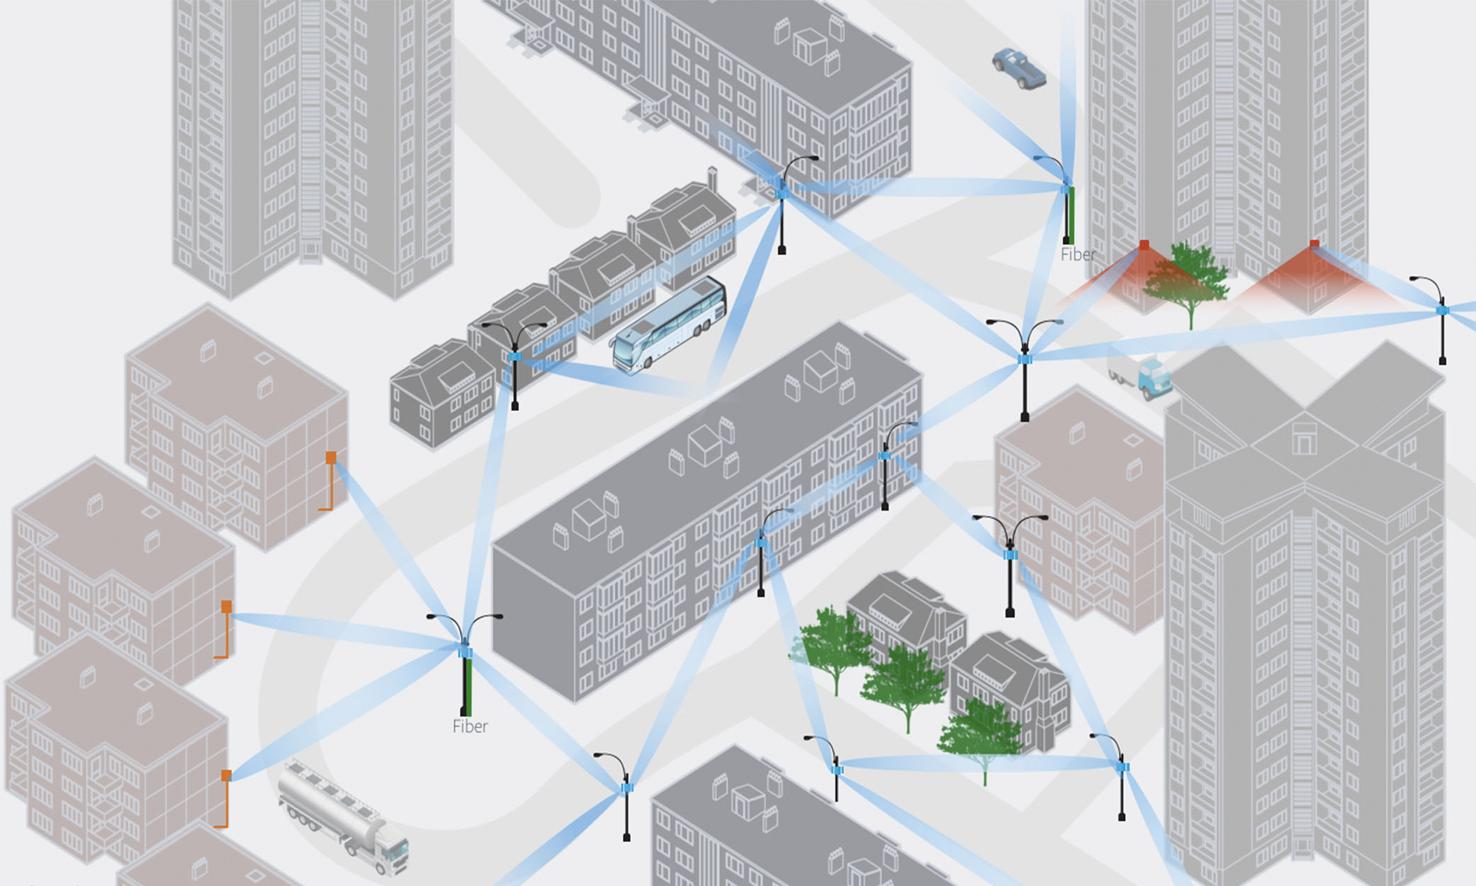 Сеть Terragraph в городской застройке — пример концепта, как его видит Facebook.